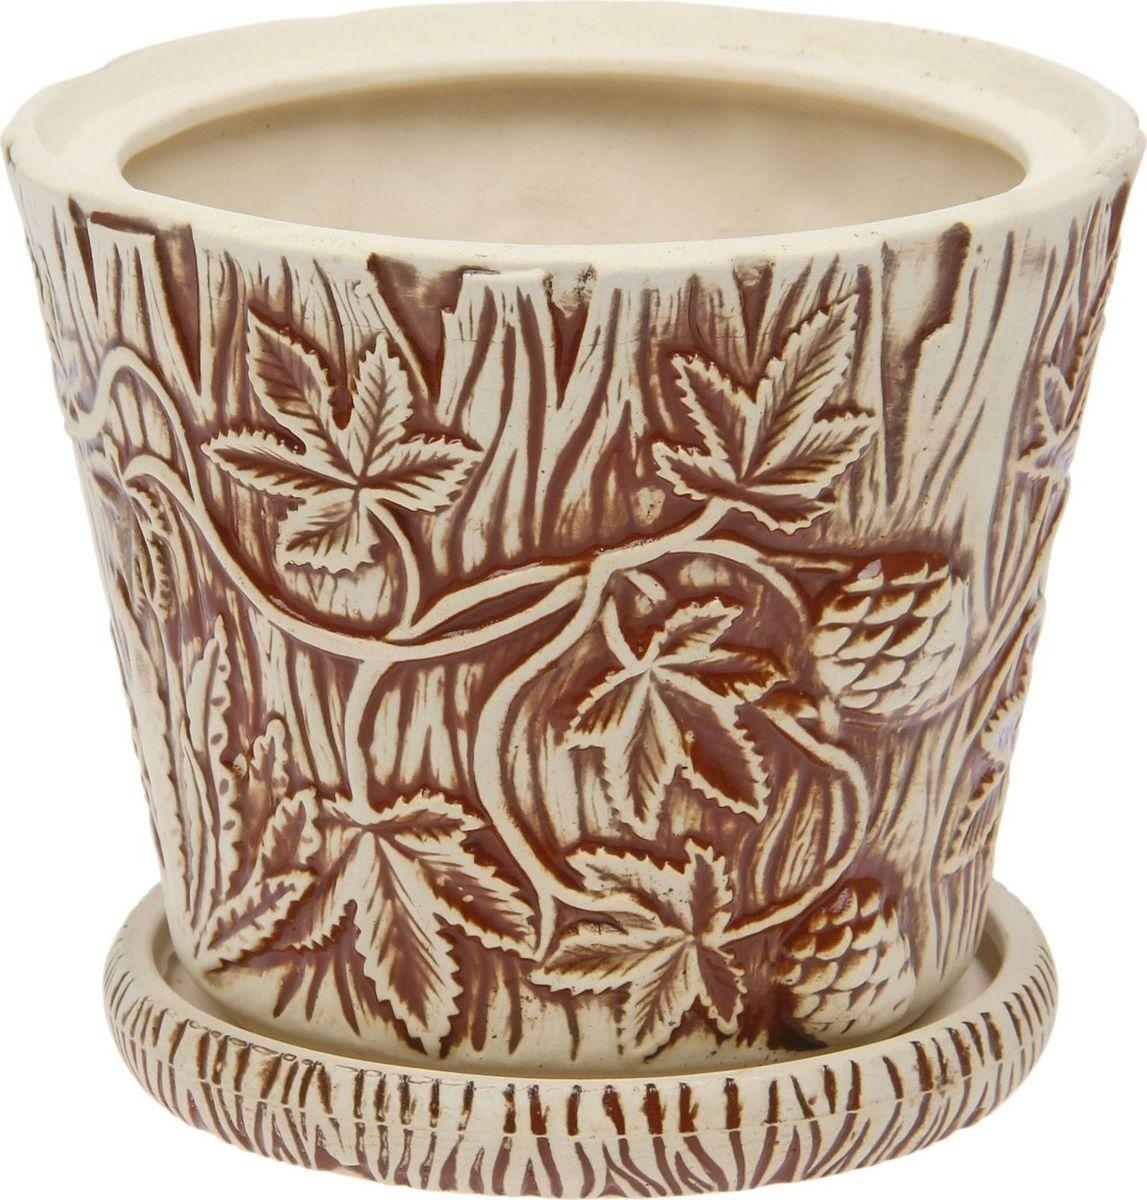 Кашпо Керамика ручной работы Хмель, цвет: , 3 л1475906Комнатные растения — всеобщие любимцы. Они радуют глаз, насыщают помещение кислородом и украшают пространство. Каждому из них необходим свой удобный и красивый дом. Кашпо из керамики прекрасно подходят для высадки растений: за счёт пластичности глины и разных способов обработки существует великое множество форм и дизайновпористый материал позволяет испаряться лишней влагевоздух, необходимый для дыхания корней, проникает сквозь керамические стенки! #name# позаботится о зелёном питомце, освежит интерьер и подчеркнёт его стиль.